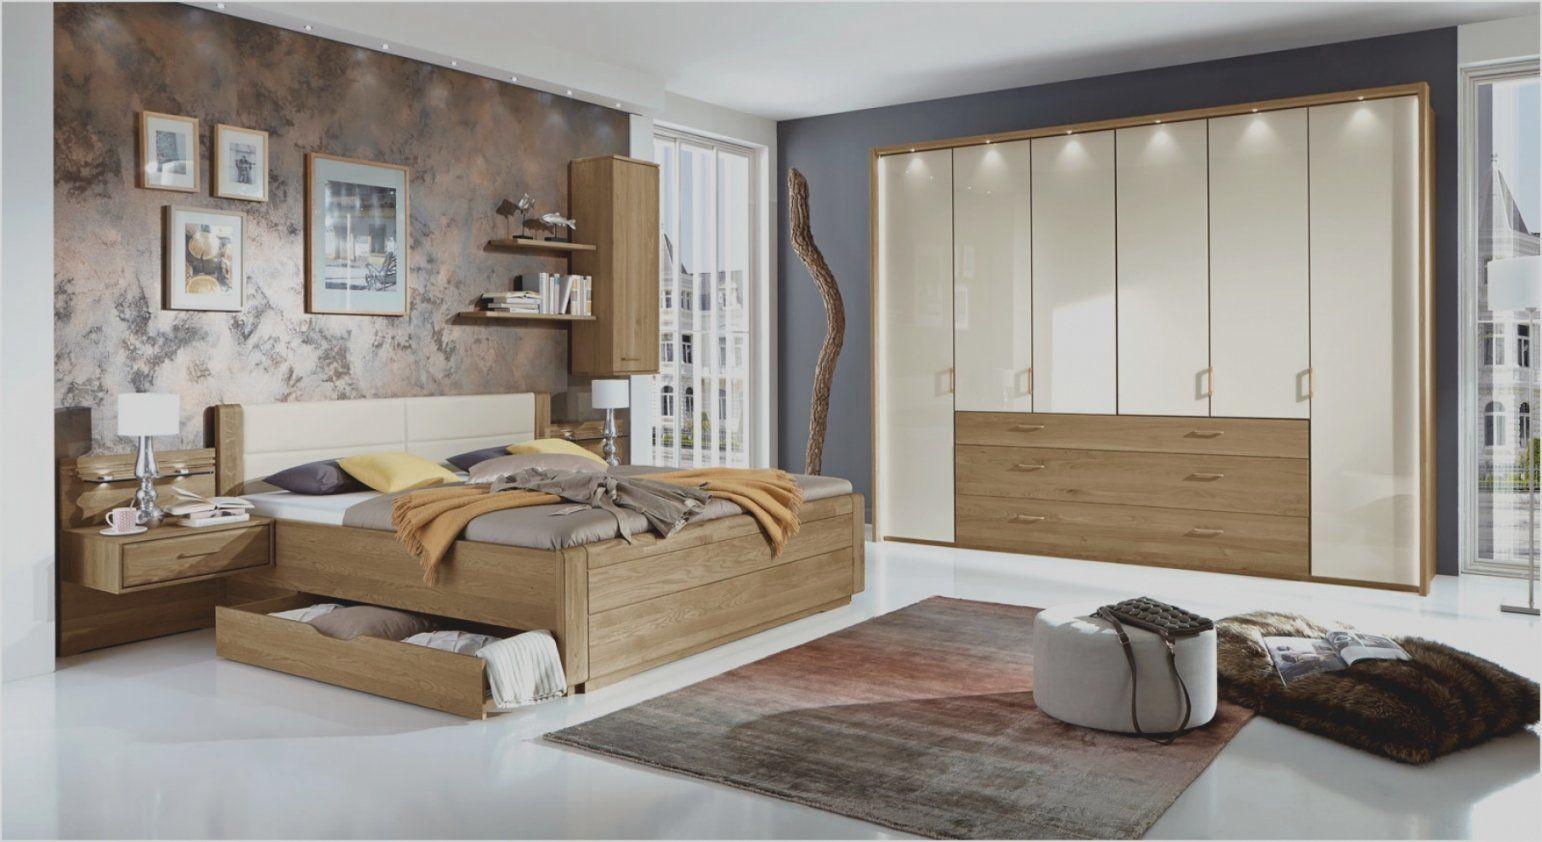 Schlafzimmer Komplett Massiv Günstig Und Wunderbare Komplette von Schlafzimmer Komplett Massivholz Günstig Bild